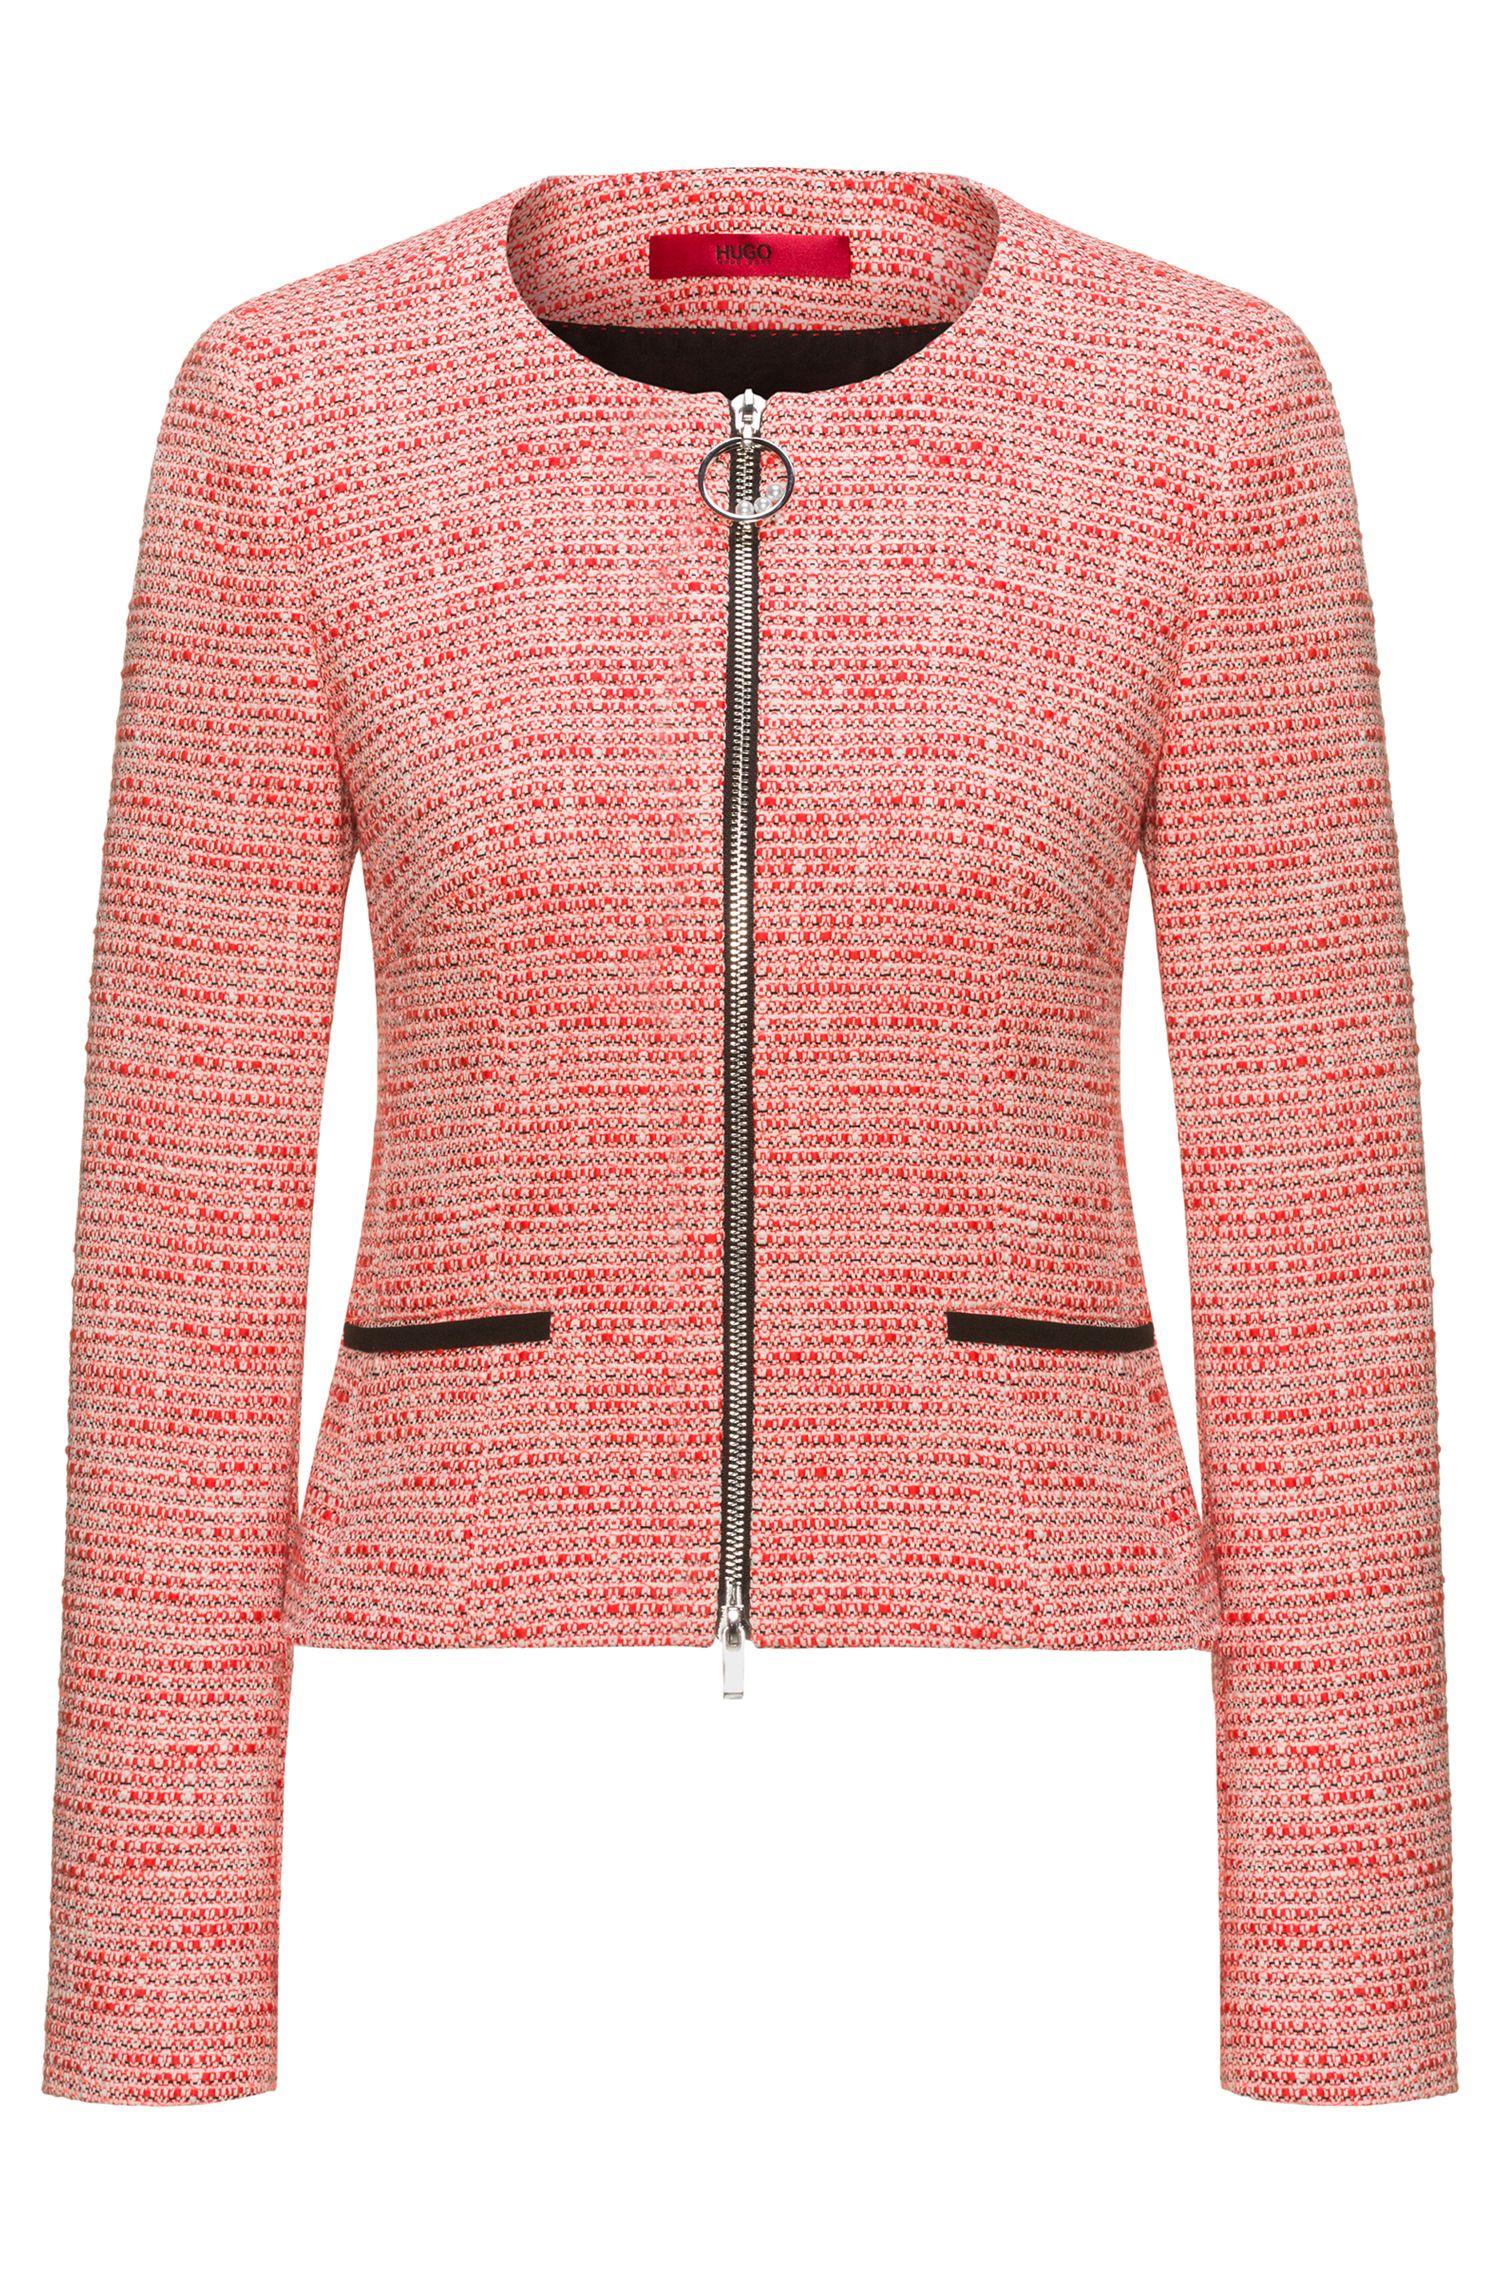 Tweed-Jacke aus Baumwoll-Mix mit Reißverschluss